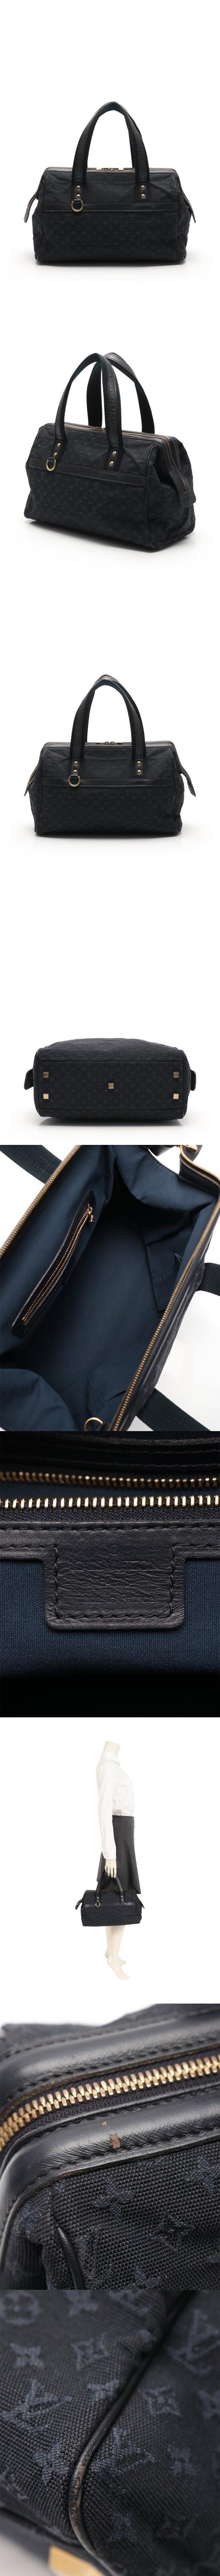 ハンドバッグ ジョセフィーヌGM モノグラムミニ TSTブルー M92411 キャンバス レザー